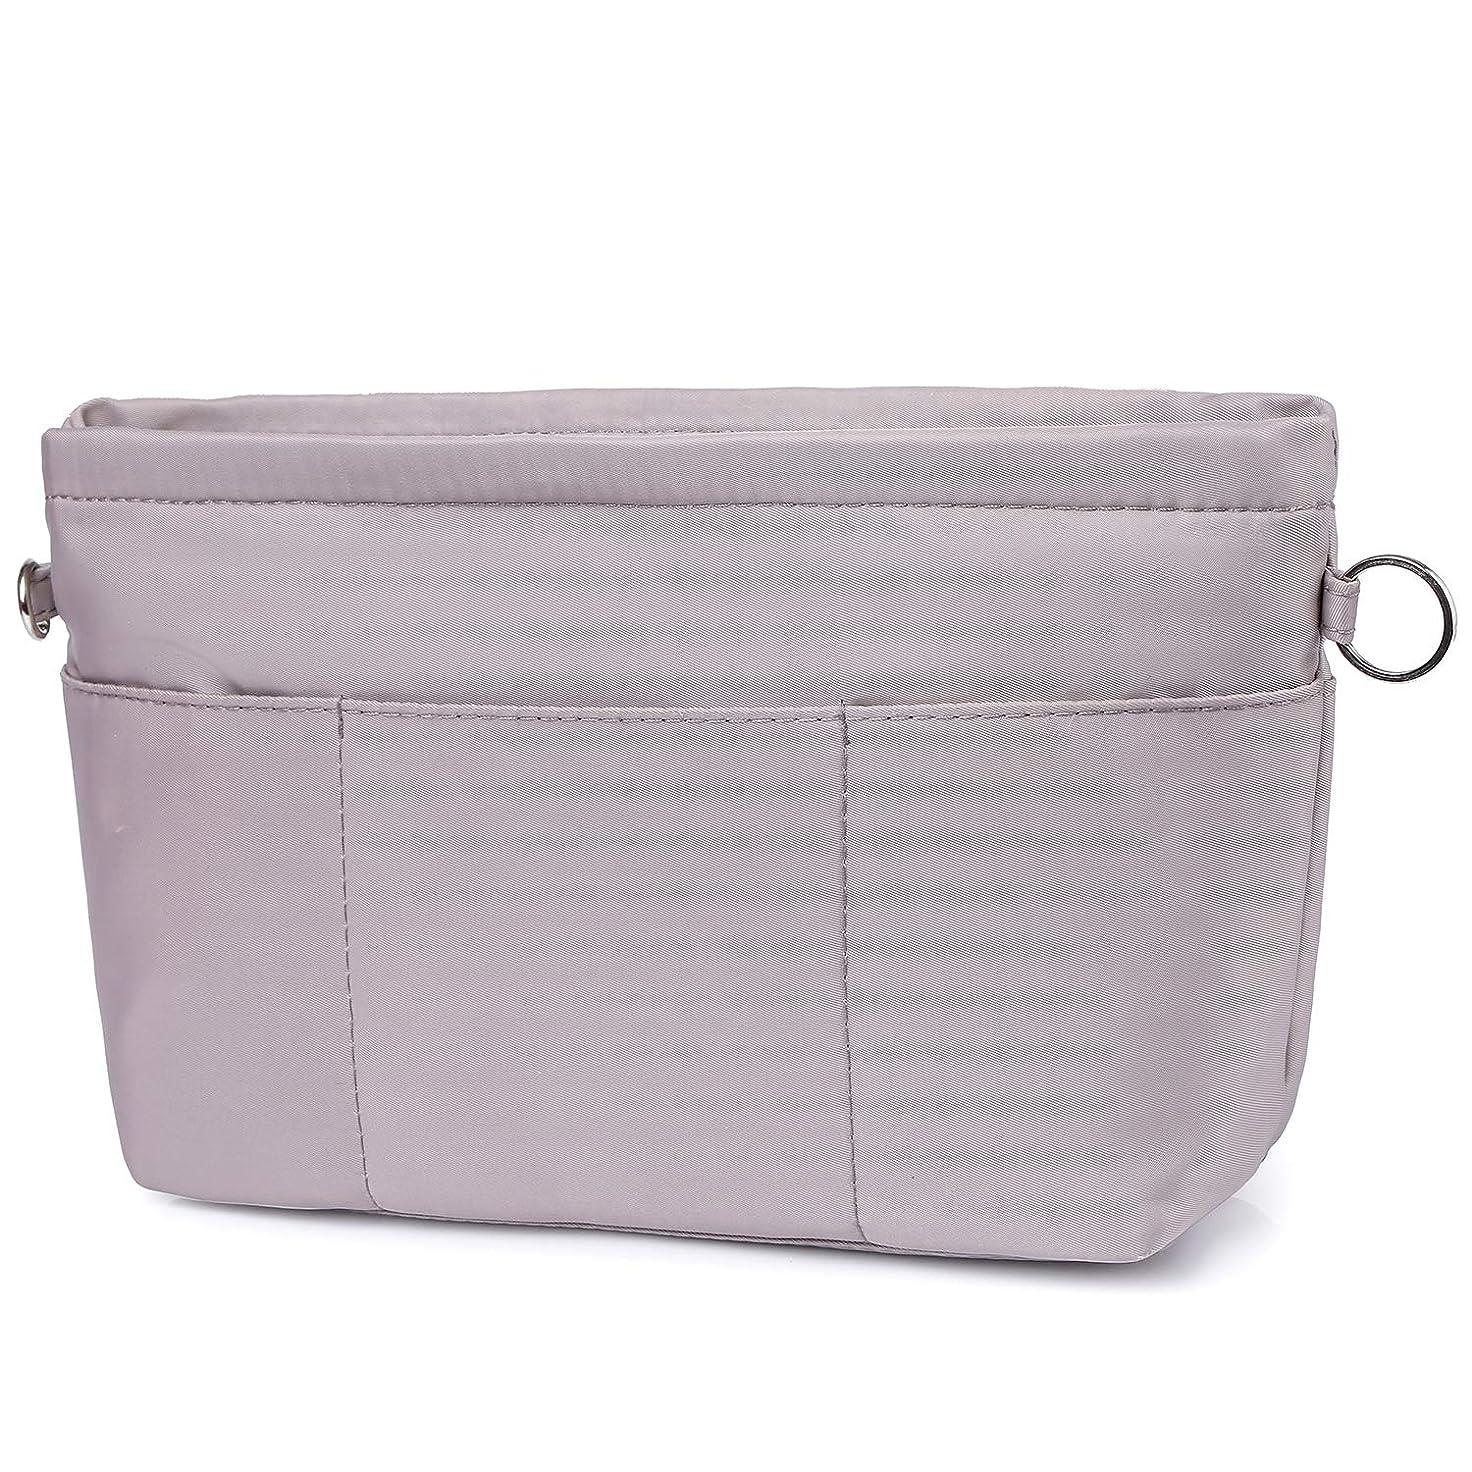 卵エレクトロニック省略するVANCORE バッグインバッグ 自立 軽量 Bag in Bag トート用 バッグの中 整理 整頓 カバンの中 仕切り 通勤 旅行 レッド M